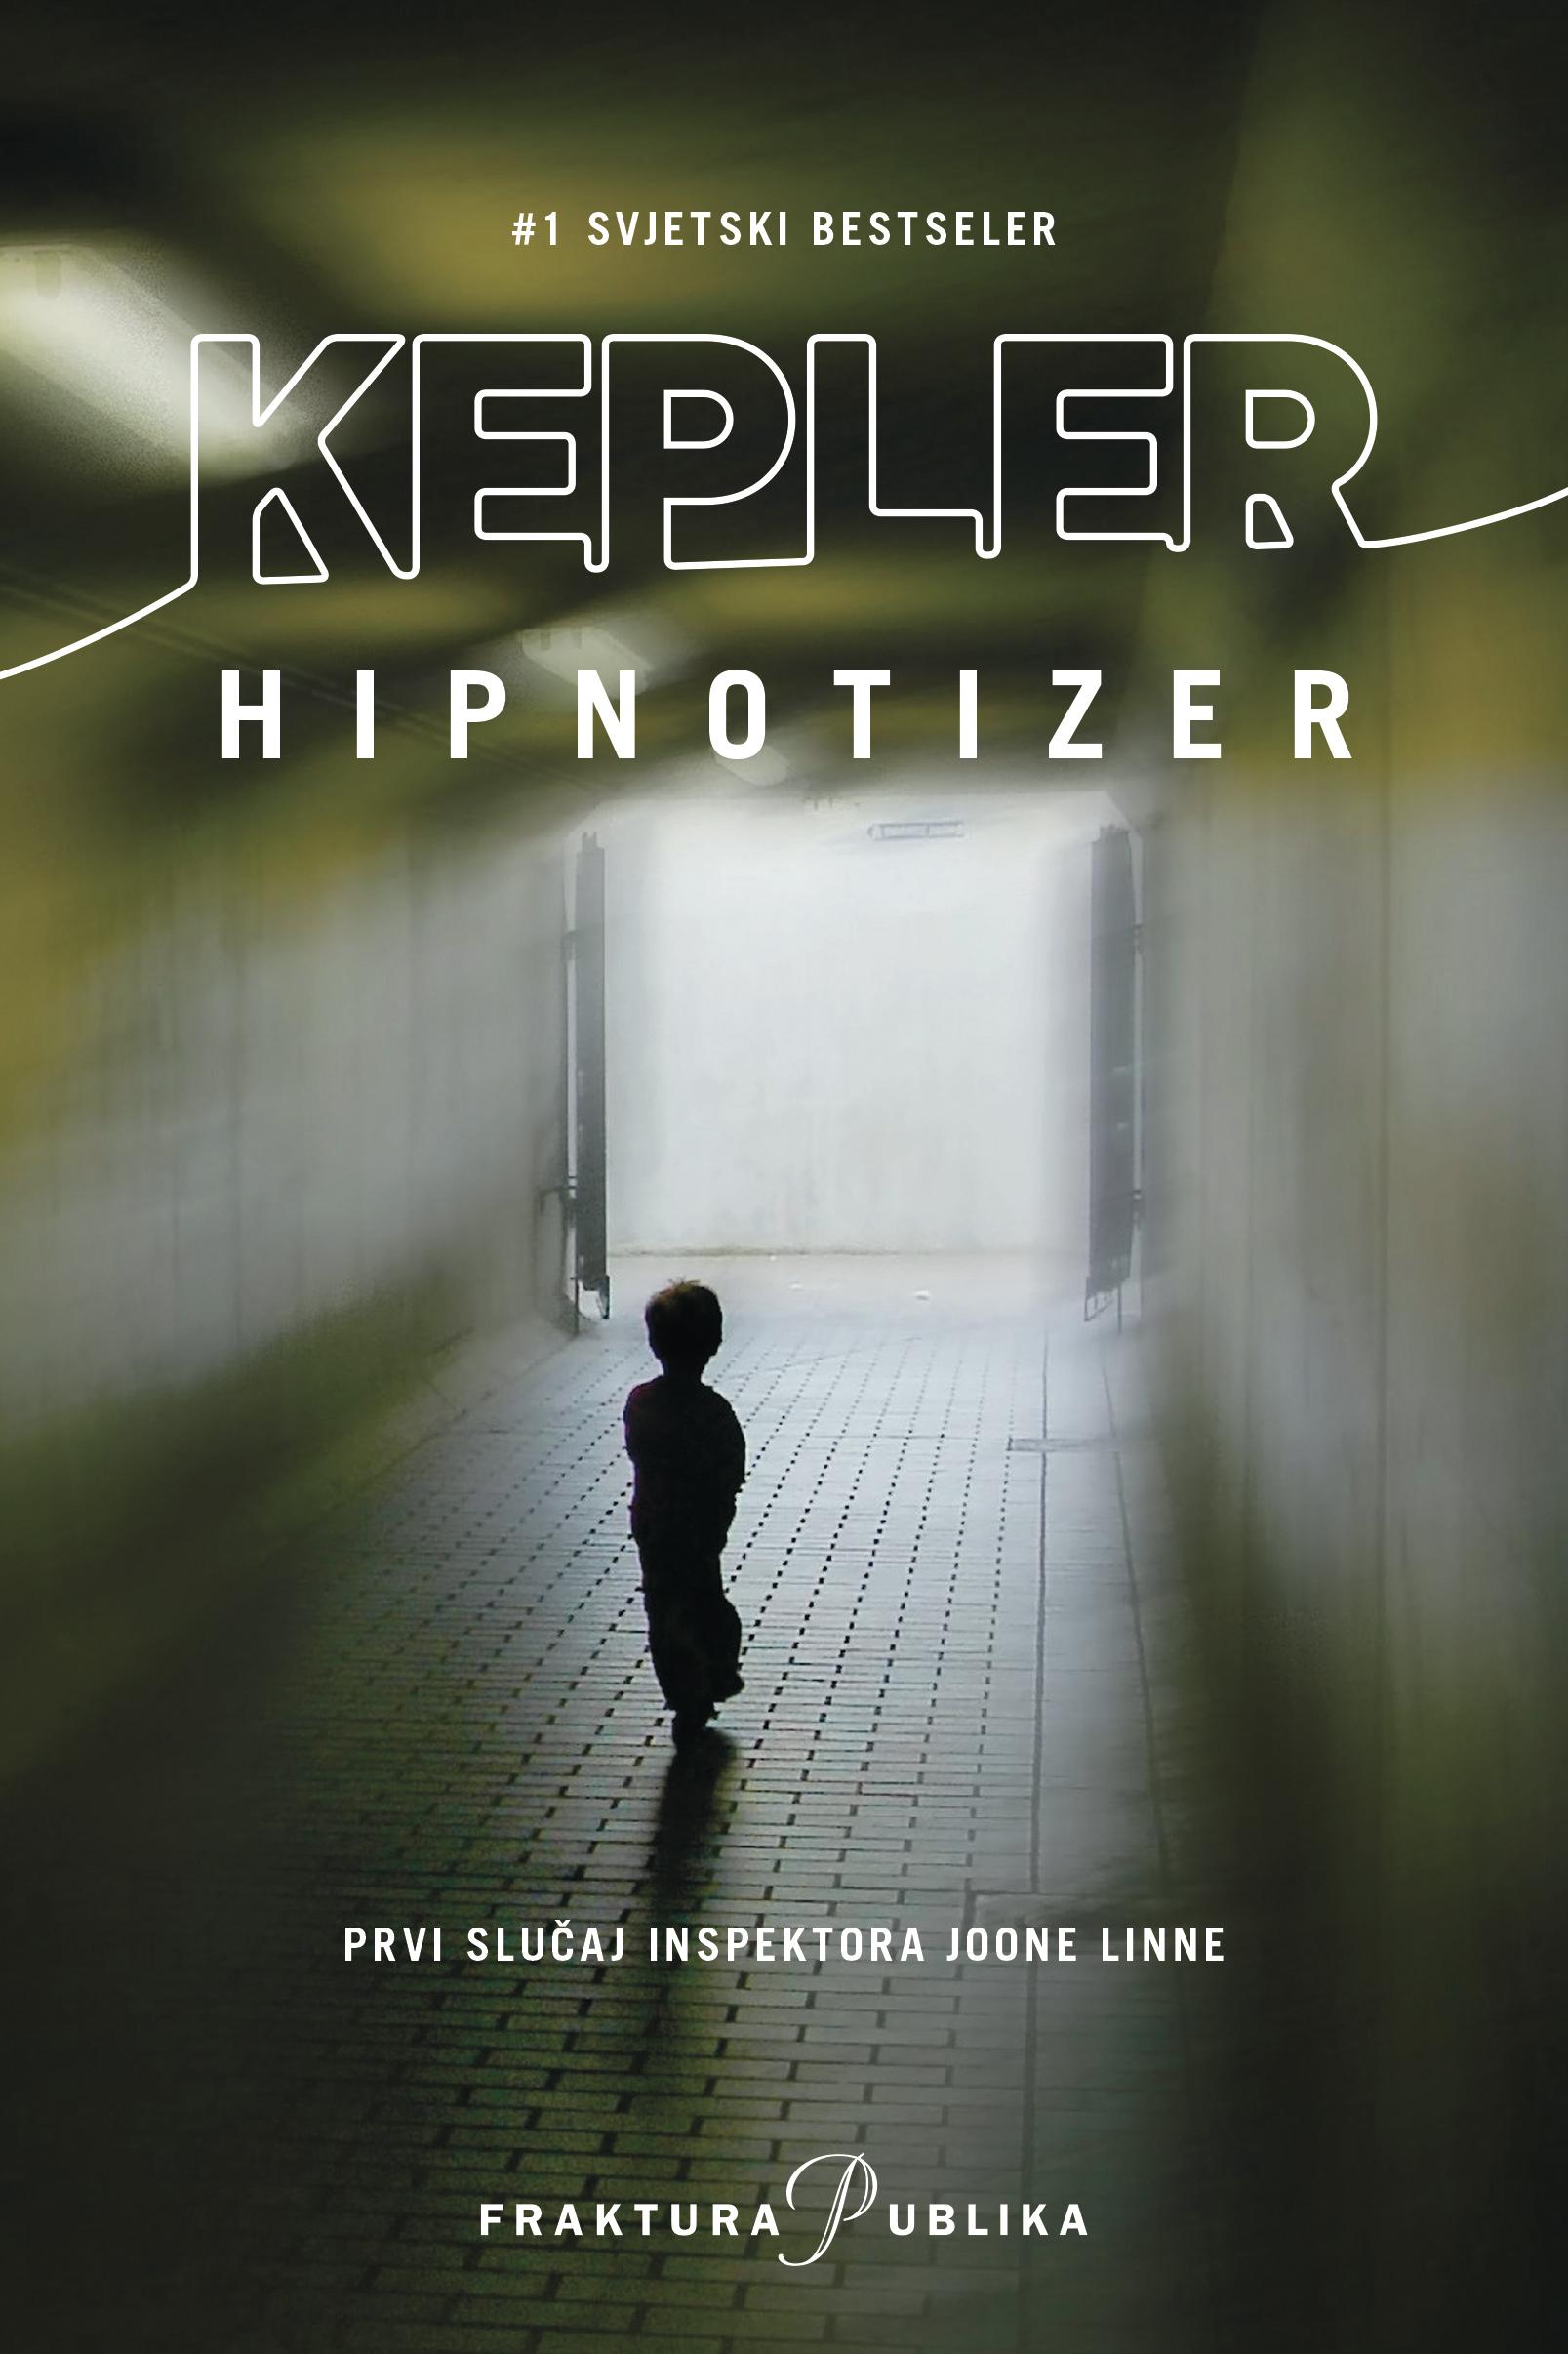 Hipnotizer